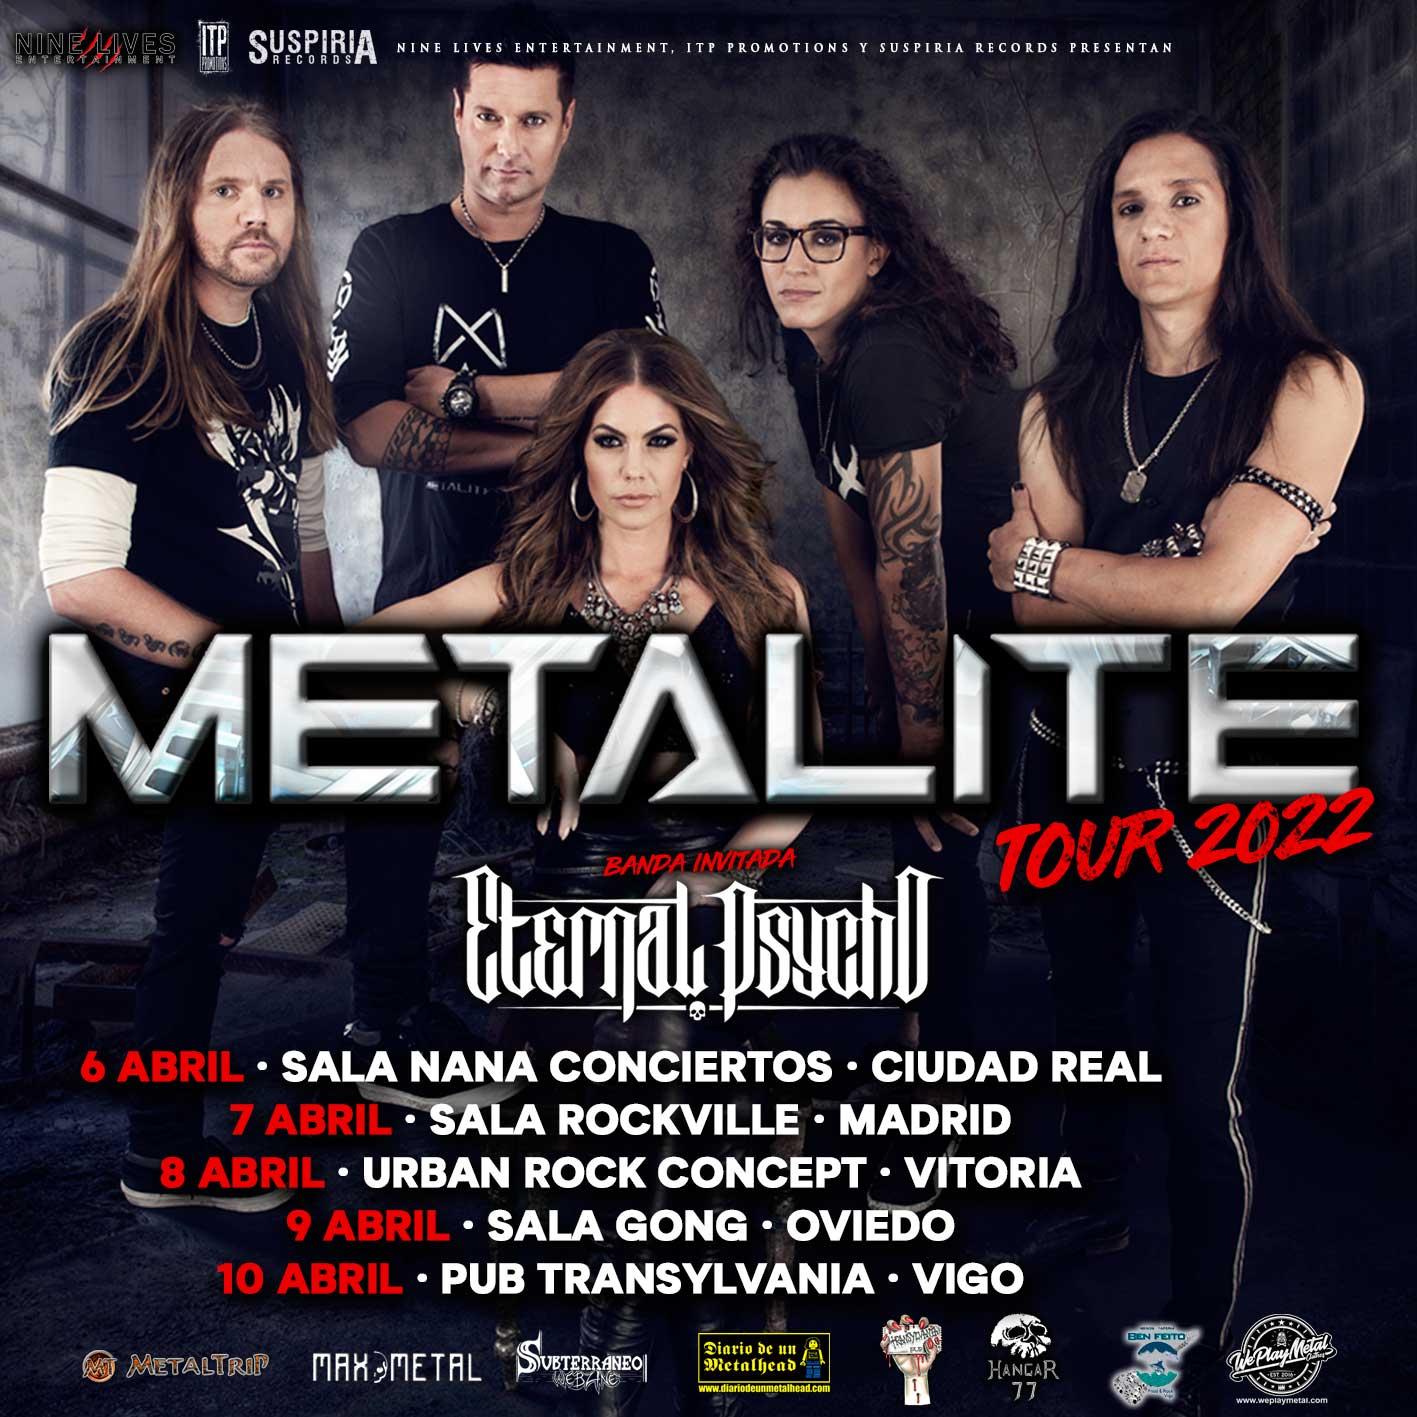 Metalite aplaza su gira española de septiembre a abril de 2022 y confirma a Eternal Psycho como la banda acompañante